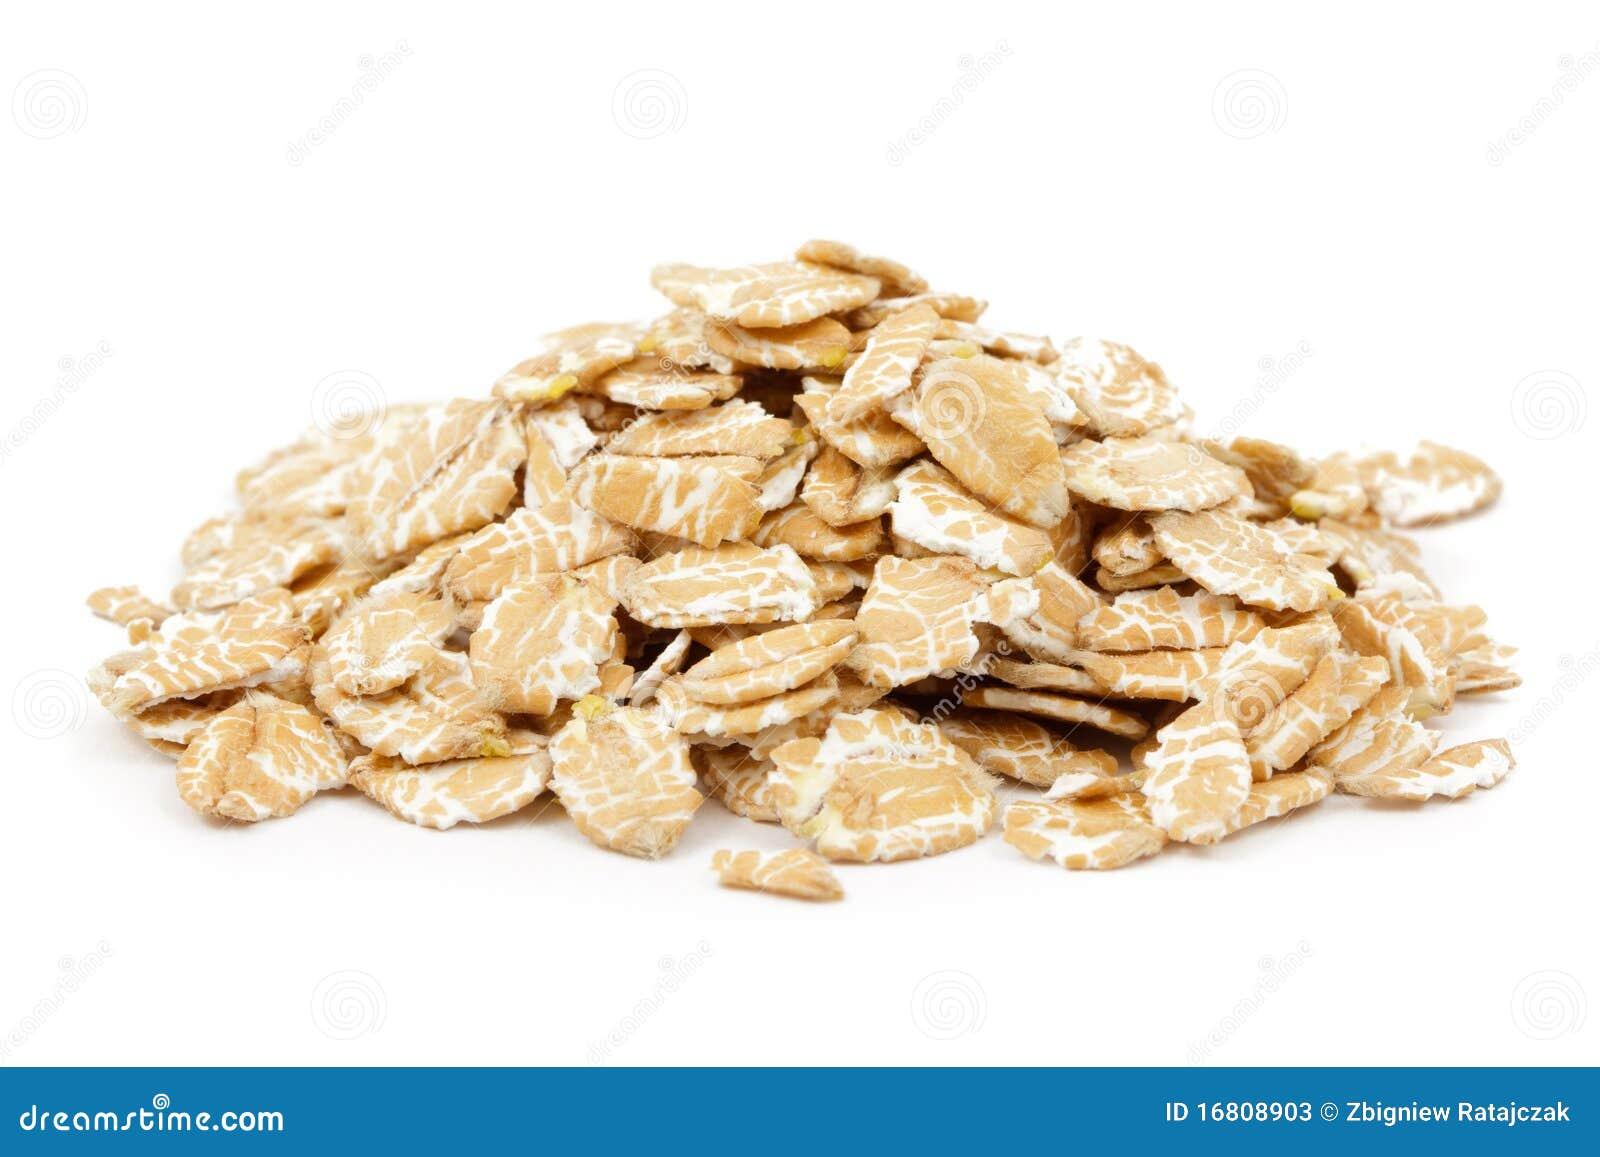 Flakes pile stavat